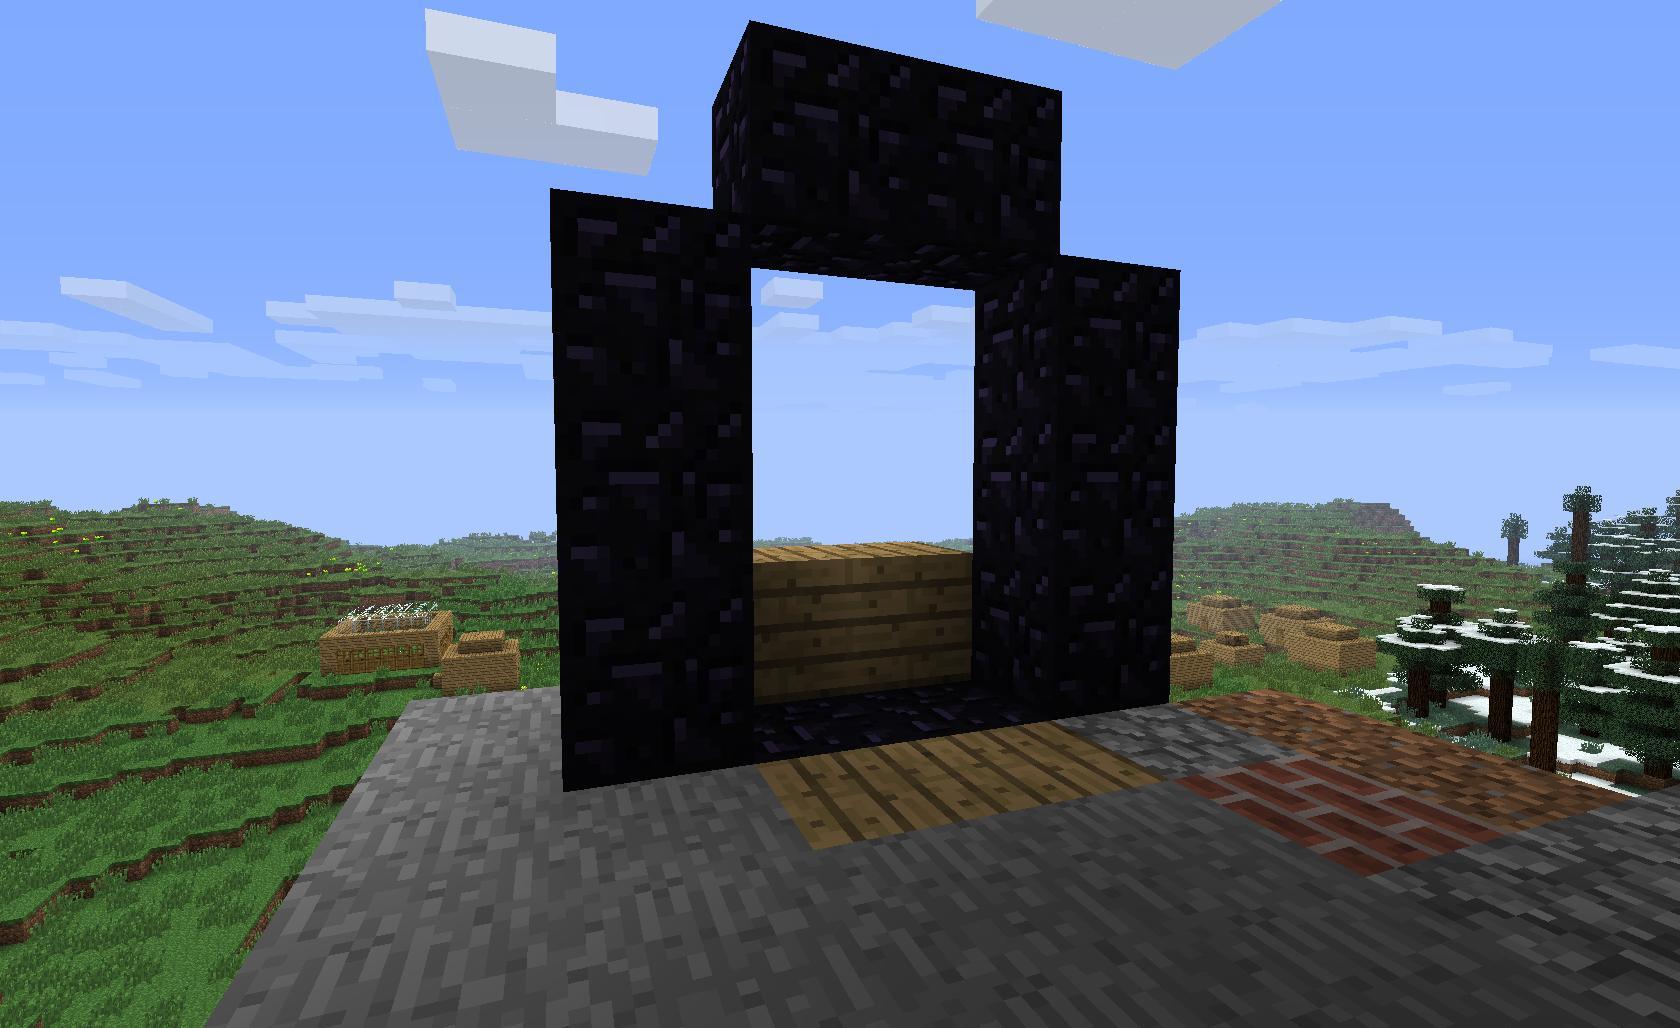 Comment poser le bois pour que le feu puisse ouvrir le portail.